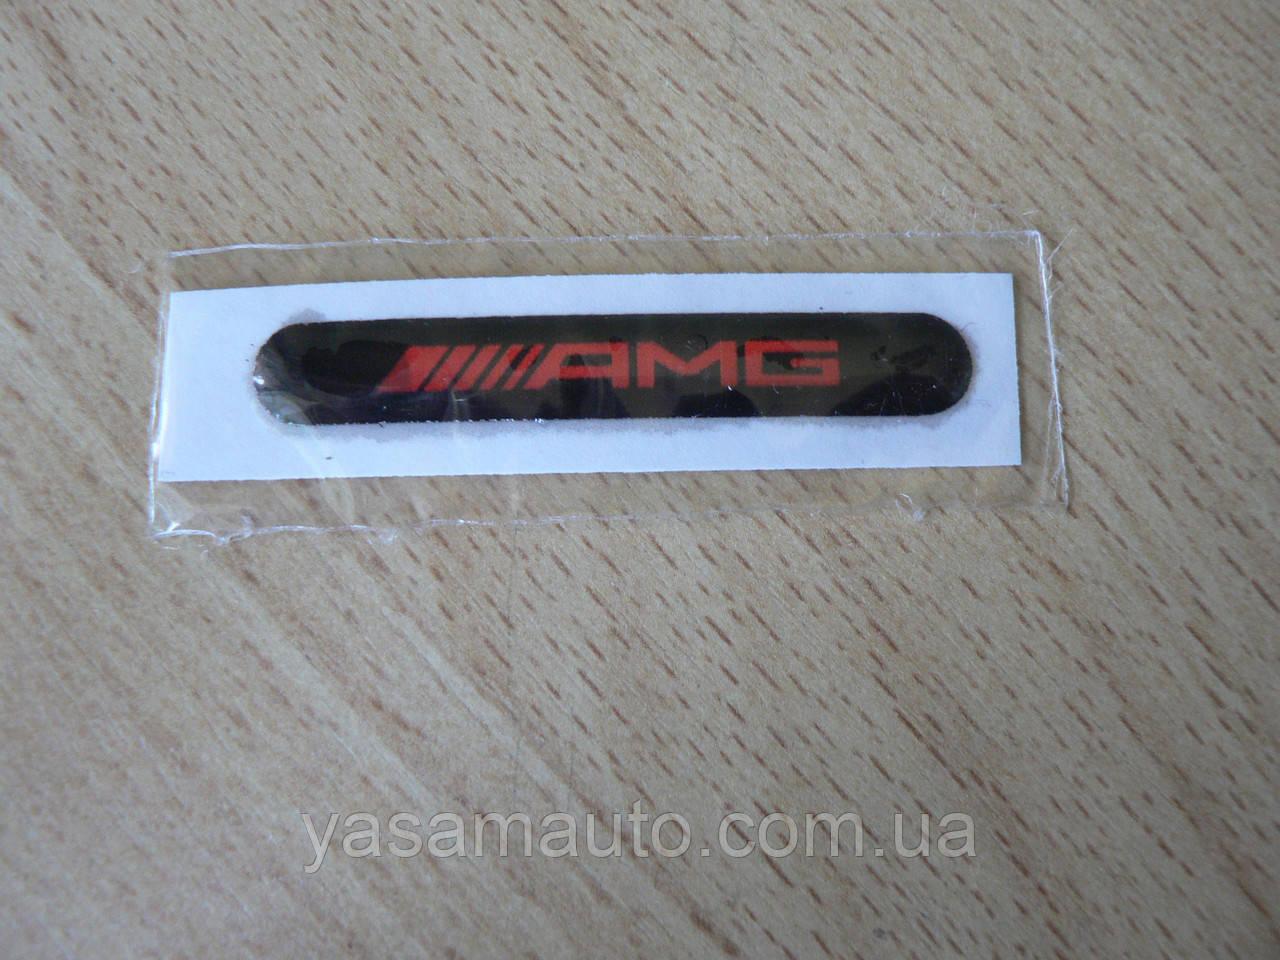 Наклейка s надпись AMG 52х7.8х1мм силиконовая полоска на авто эмблема логотип АМГ красная на черном фоне